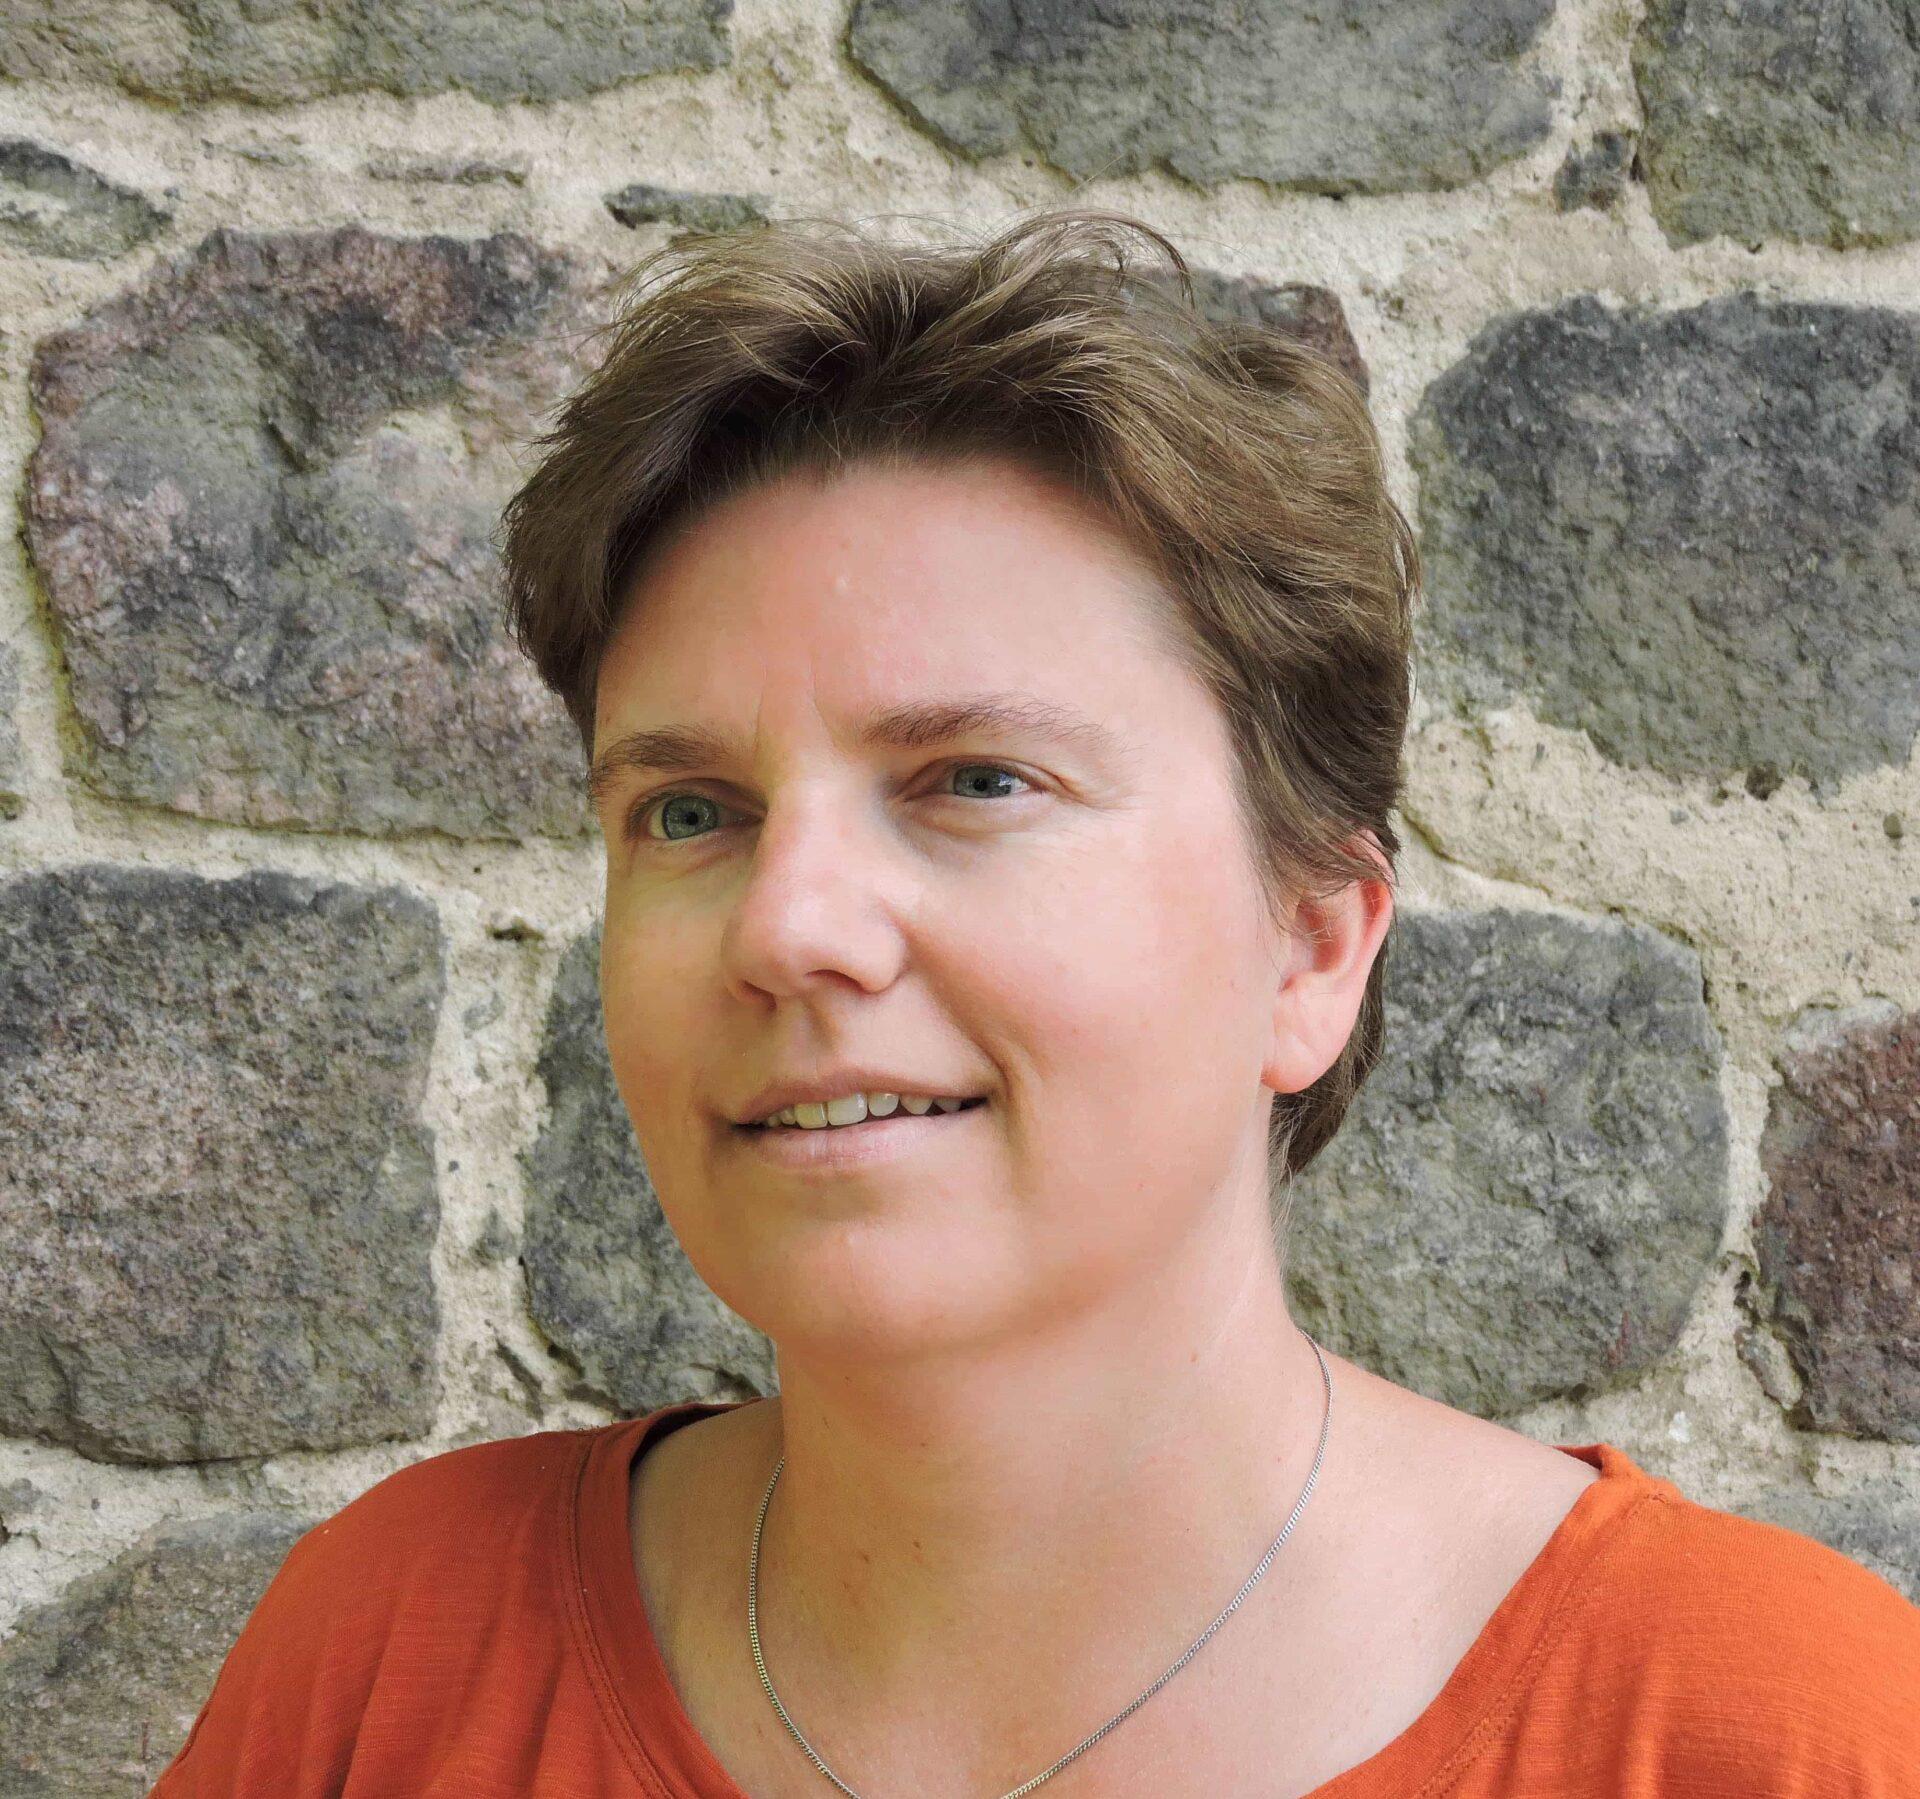 Cerstin Mahlow